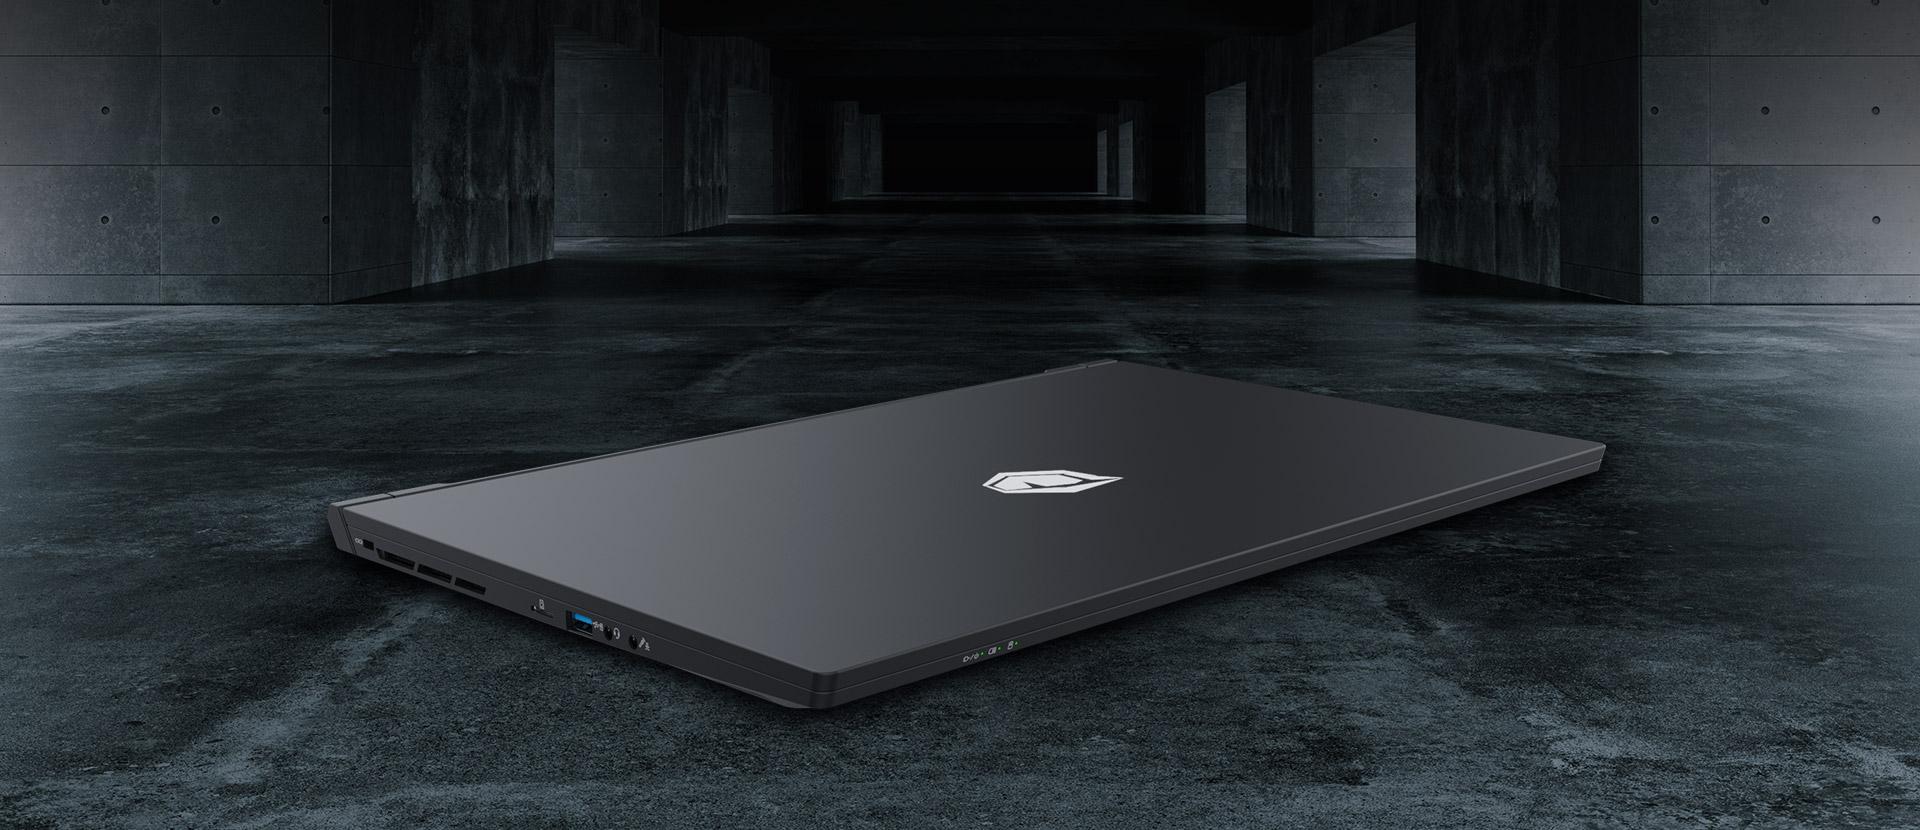 Monster Notebook TULPAR T7 V23.1